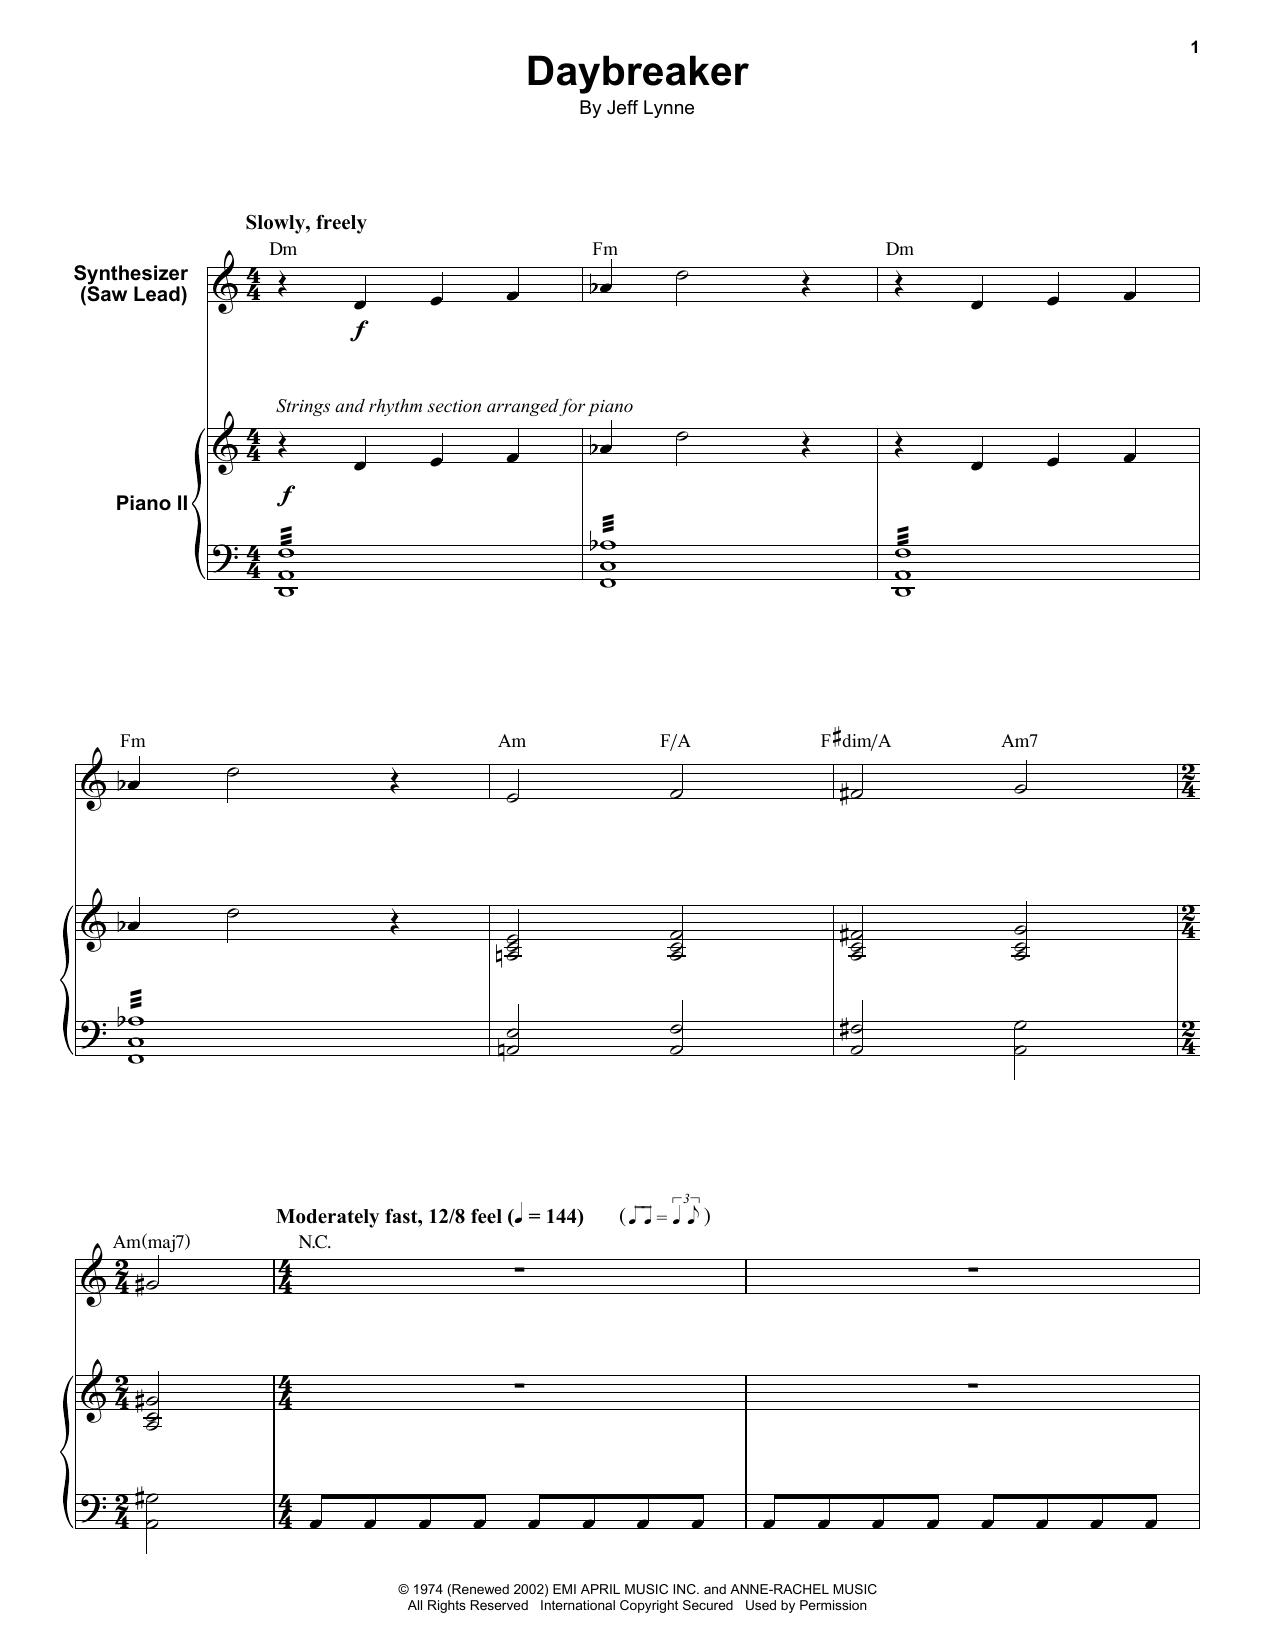 Daybreaker (Keyboard Transcription)